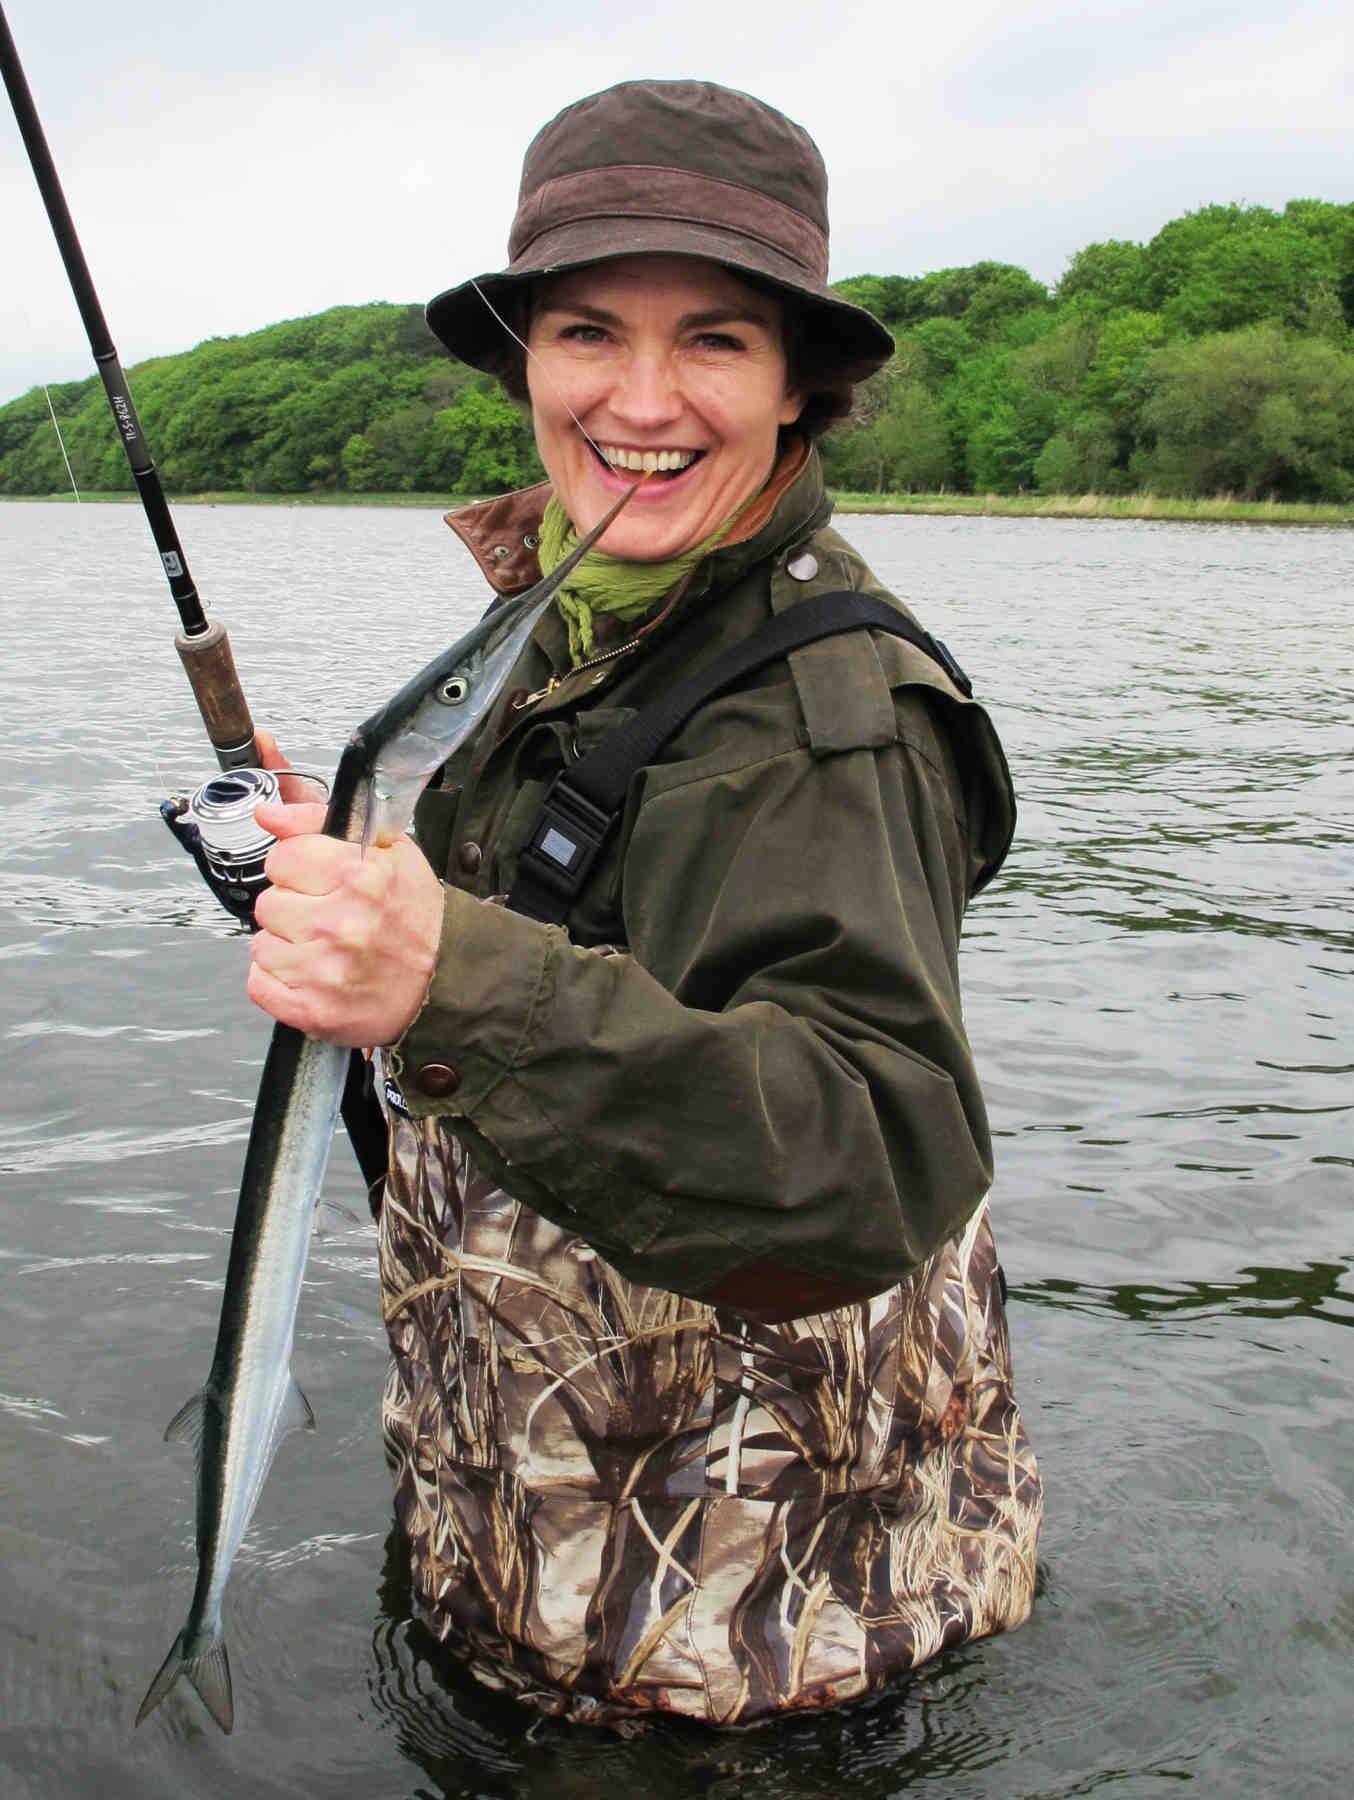 Selvom dette er Grethe Saabyes første fisk, ligger det i familien.  Grethe er nemlig gift med barnebarnet til den kendte lystfiskerforfatter og maler, Svend Saabye.